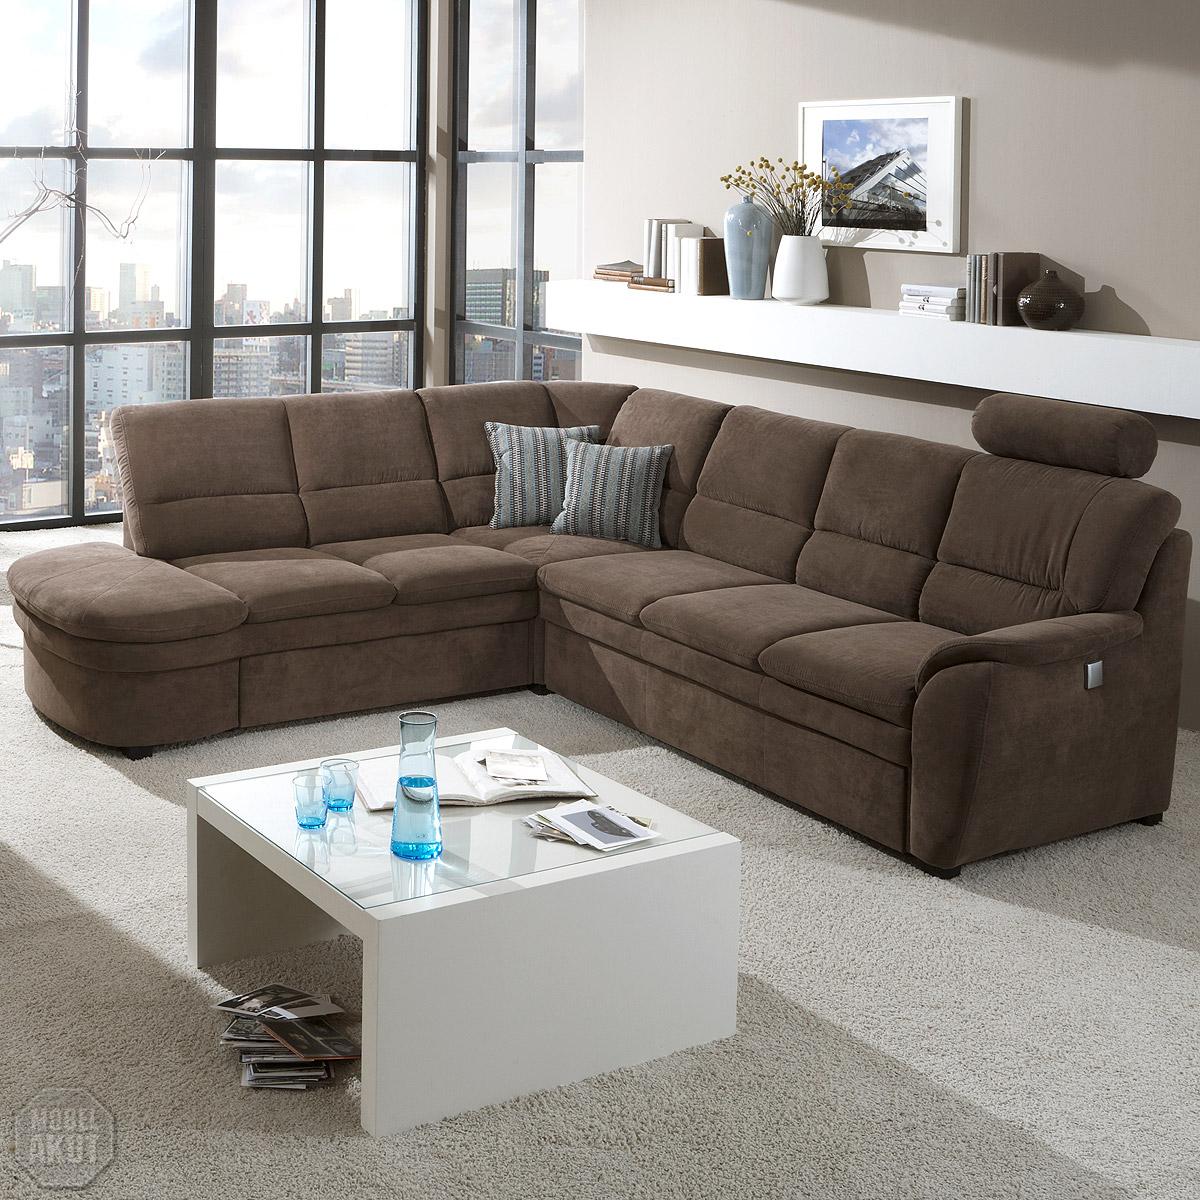 Ecksofa ginger sofa wohnlandschaft braun mit bettfunktion for Wohnlandschaft mit relaxfunktion